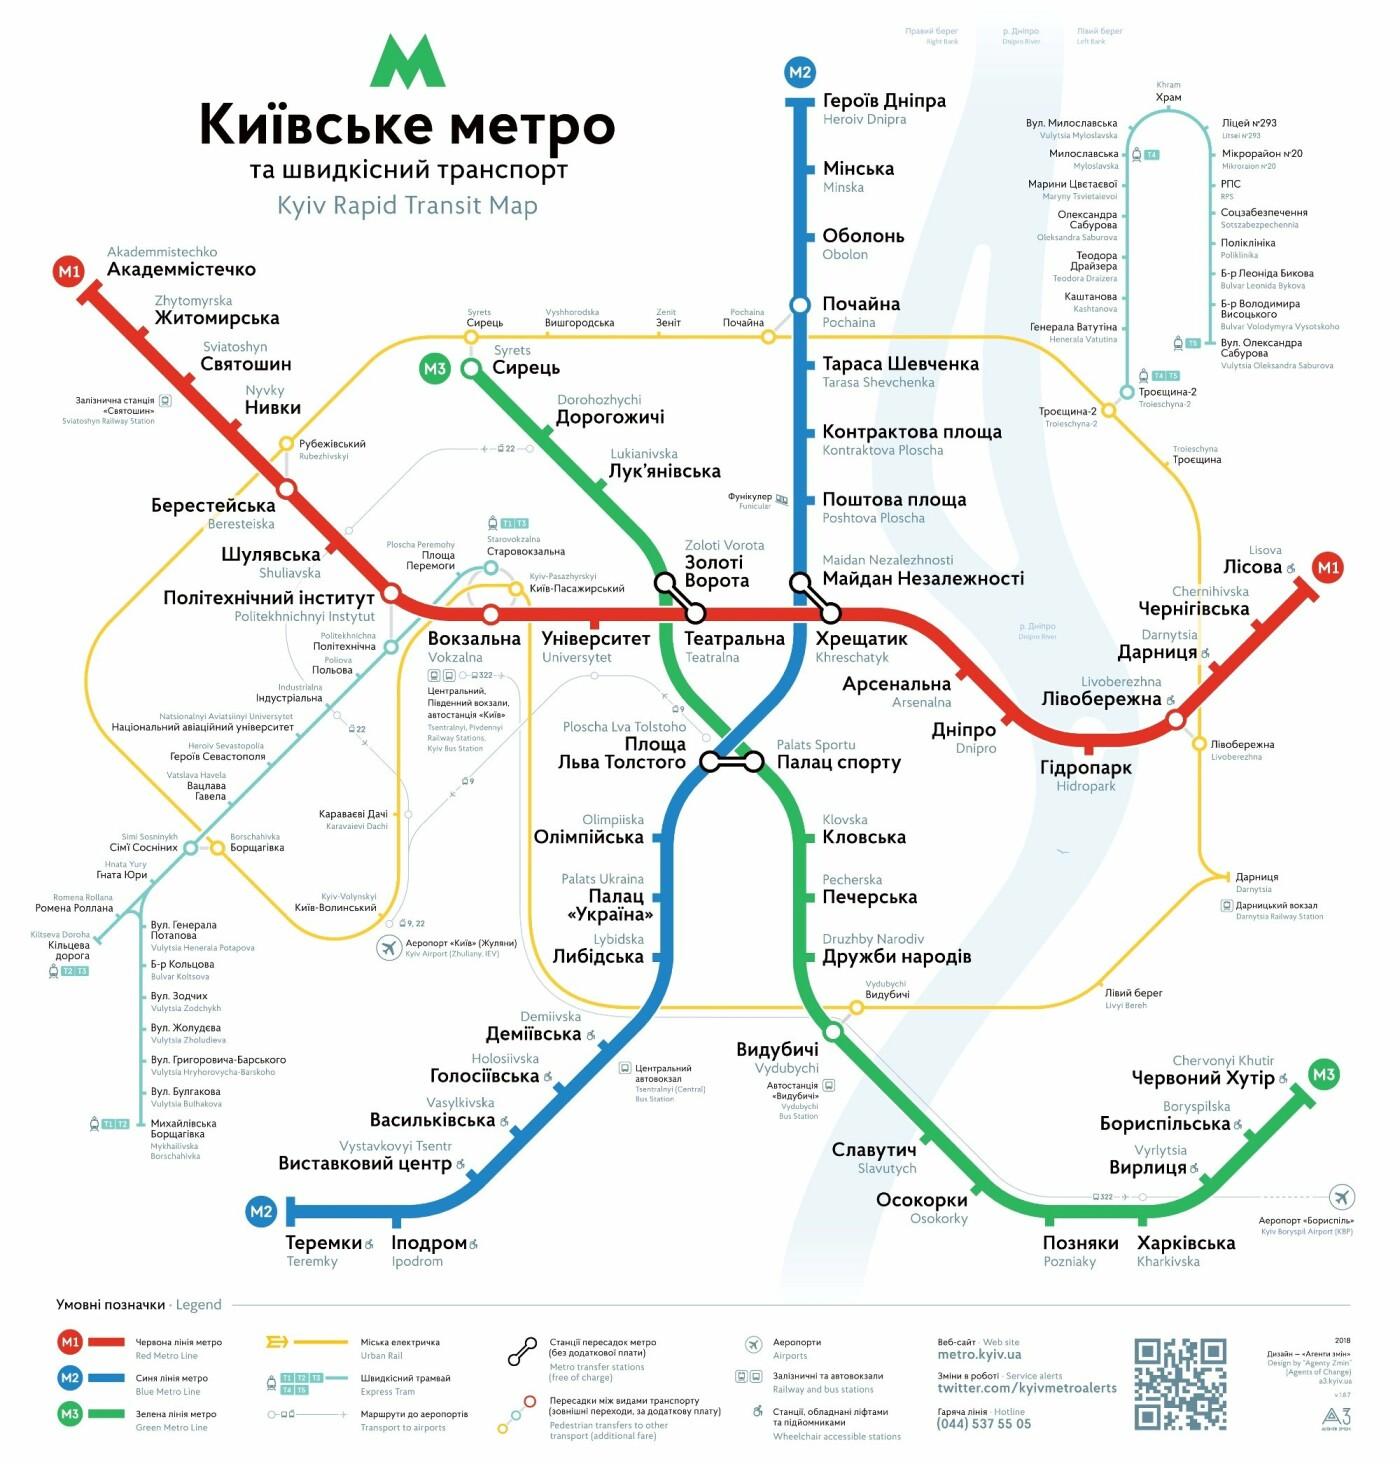 Успеть на последний поезд: время работы метро в Киеве, Фото: Википедия